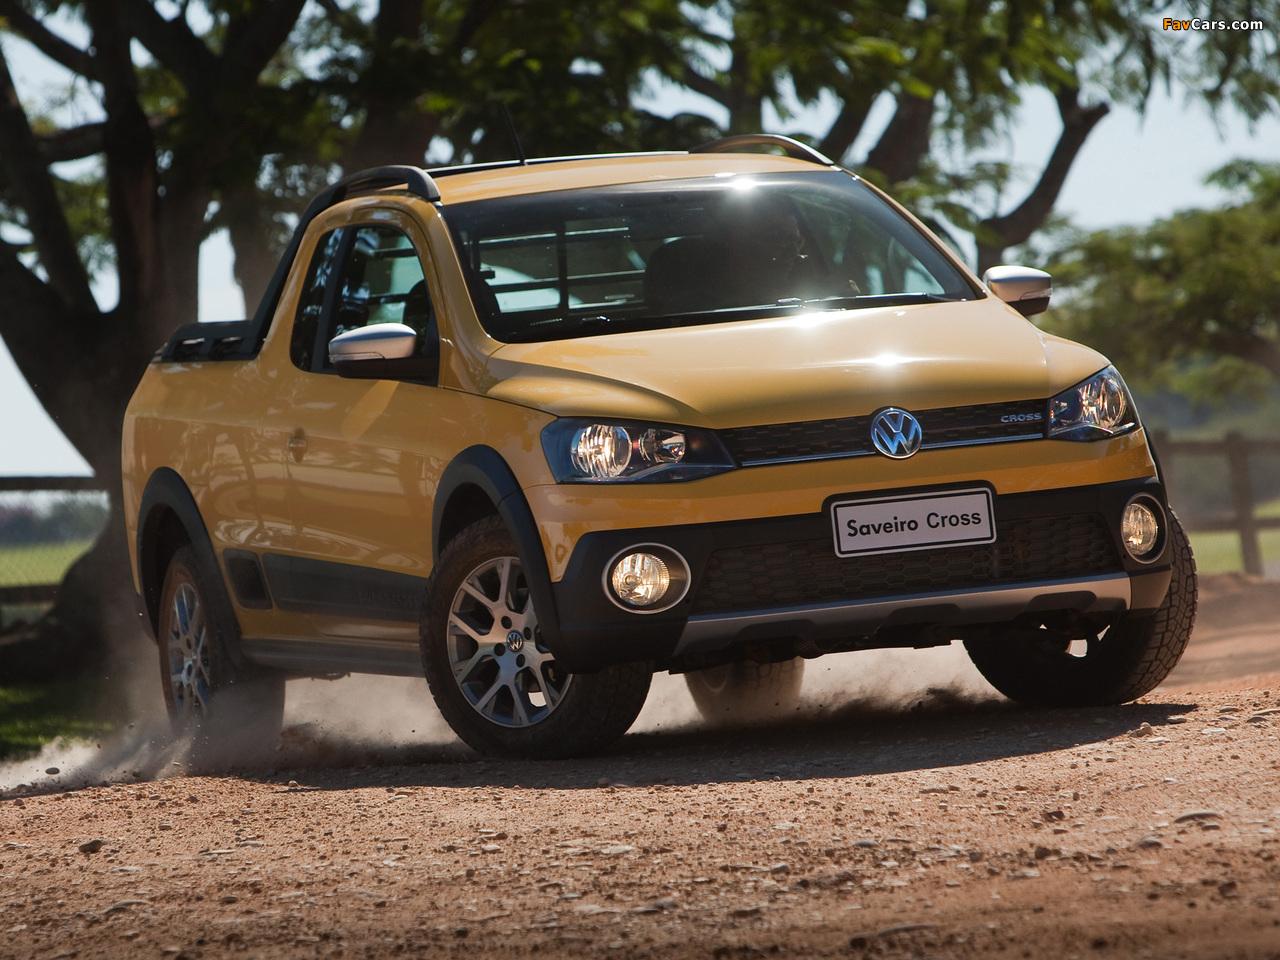 Volkswagen Saveiro Cross (V) 2013 pictures (1280 x 960)